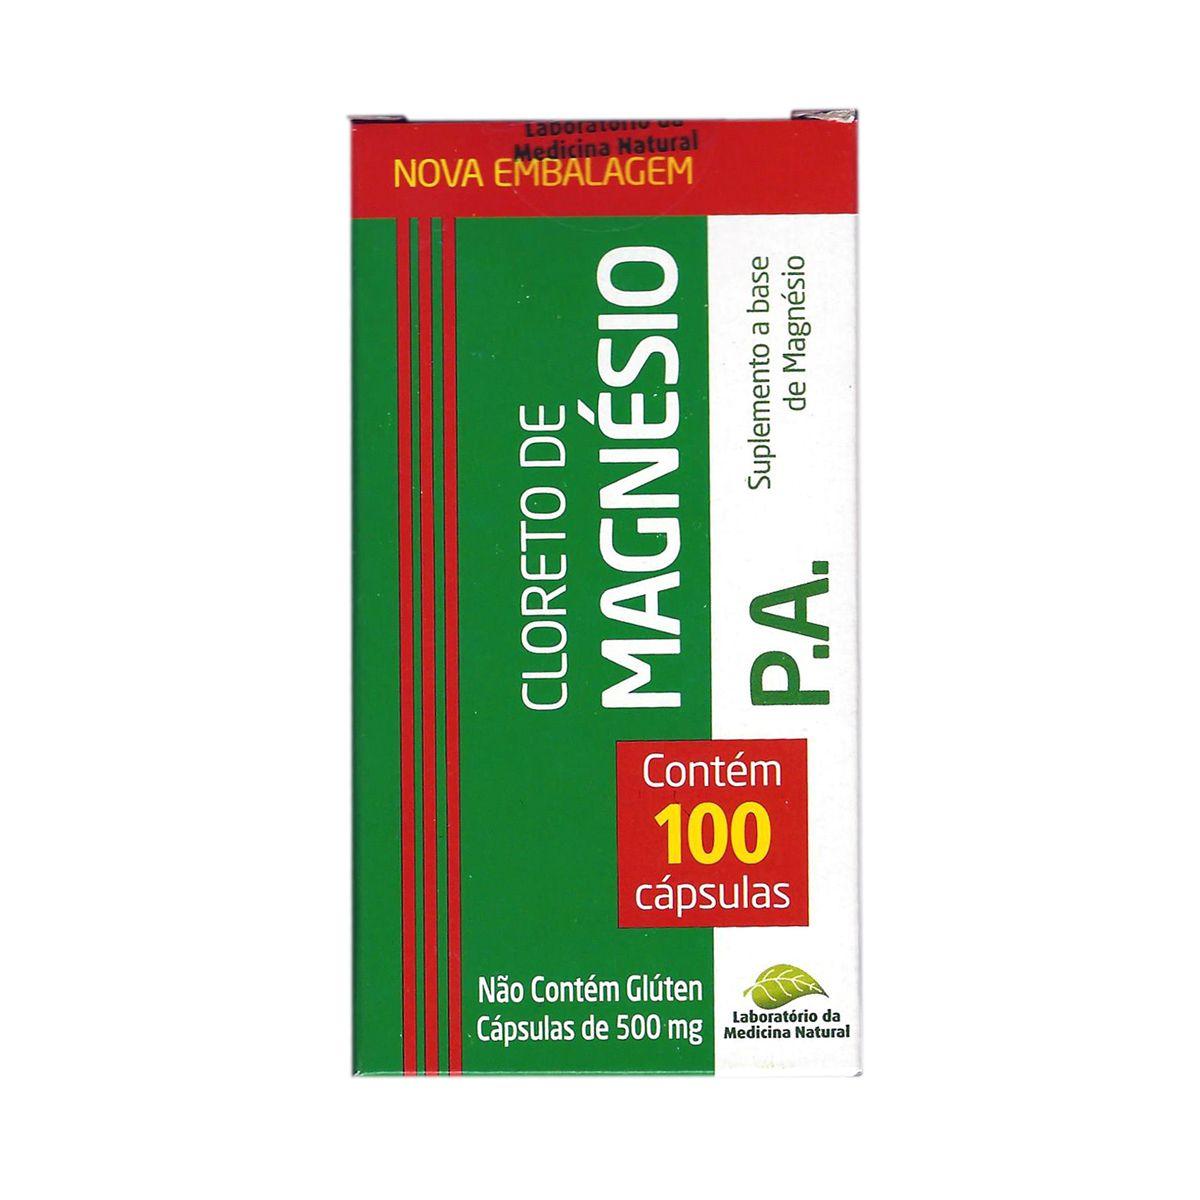 Cloreto de Magnésio 500mg - 100 cápsulas